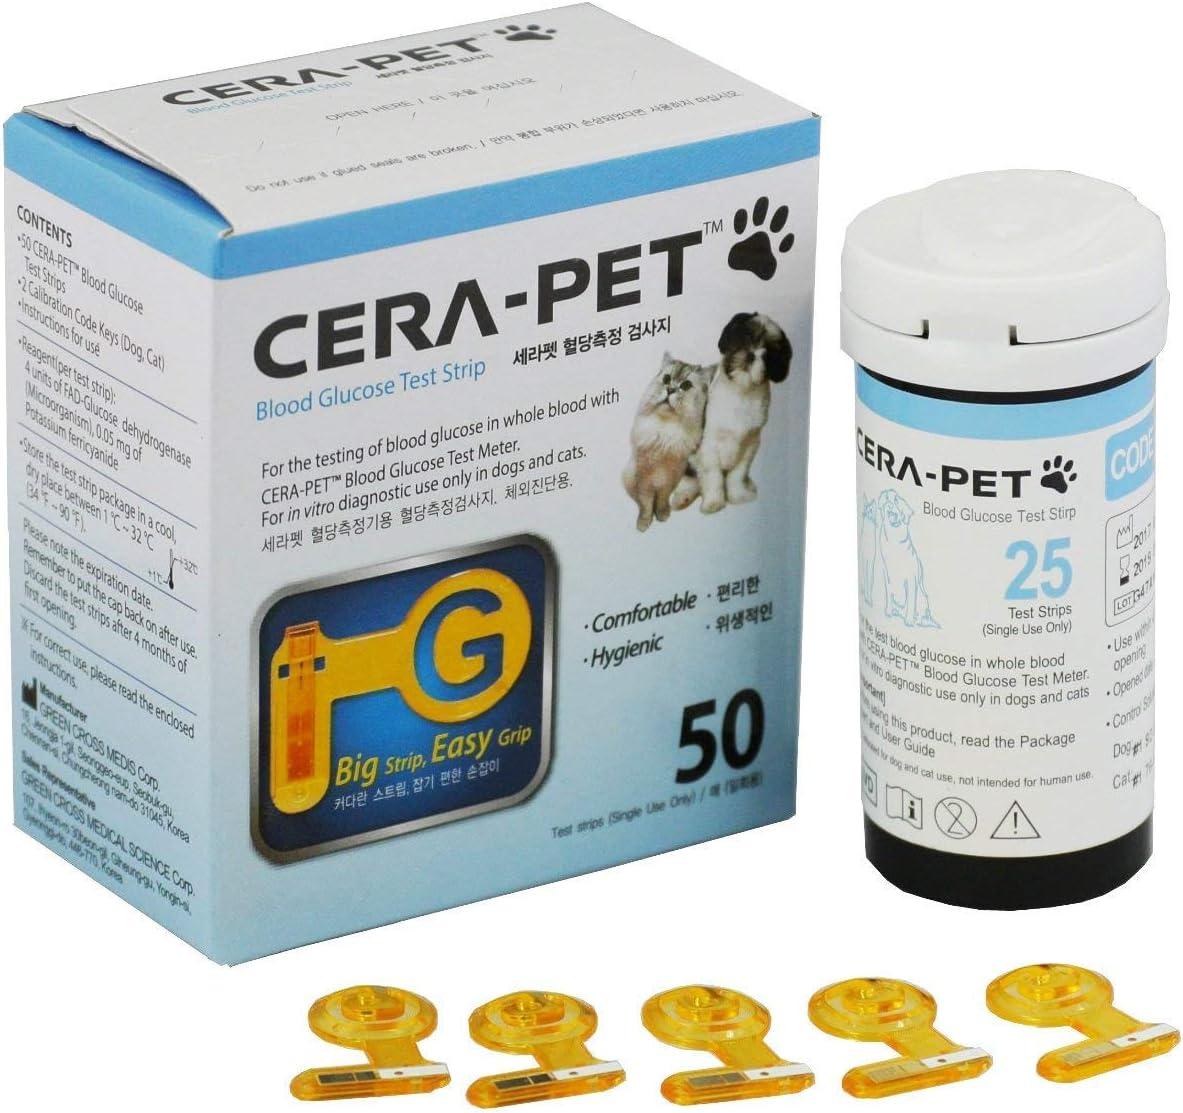 50 x Tiras Reactivas de Prueba para el Medidor de Glucosa en Sangre Veterinario Cerapet, especialmente calibrado para su uso en perros y gatos: Amazon.es: Salud y cuidado personal